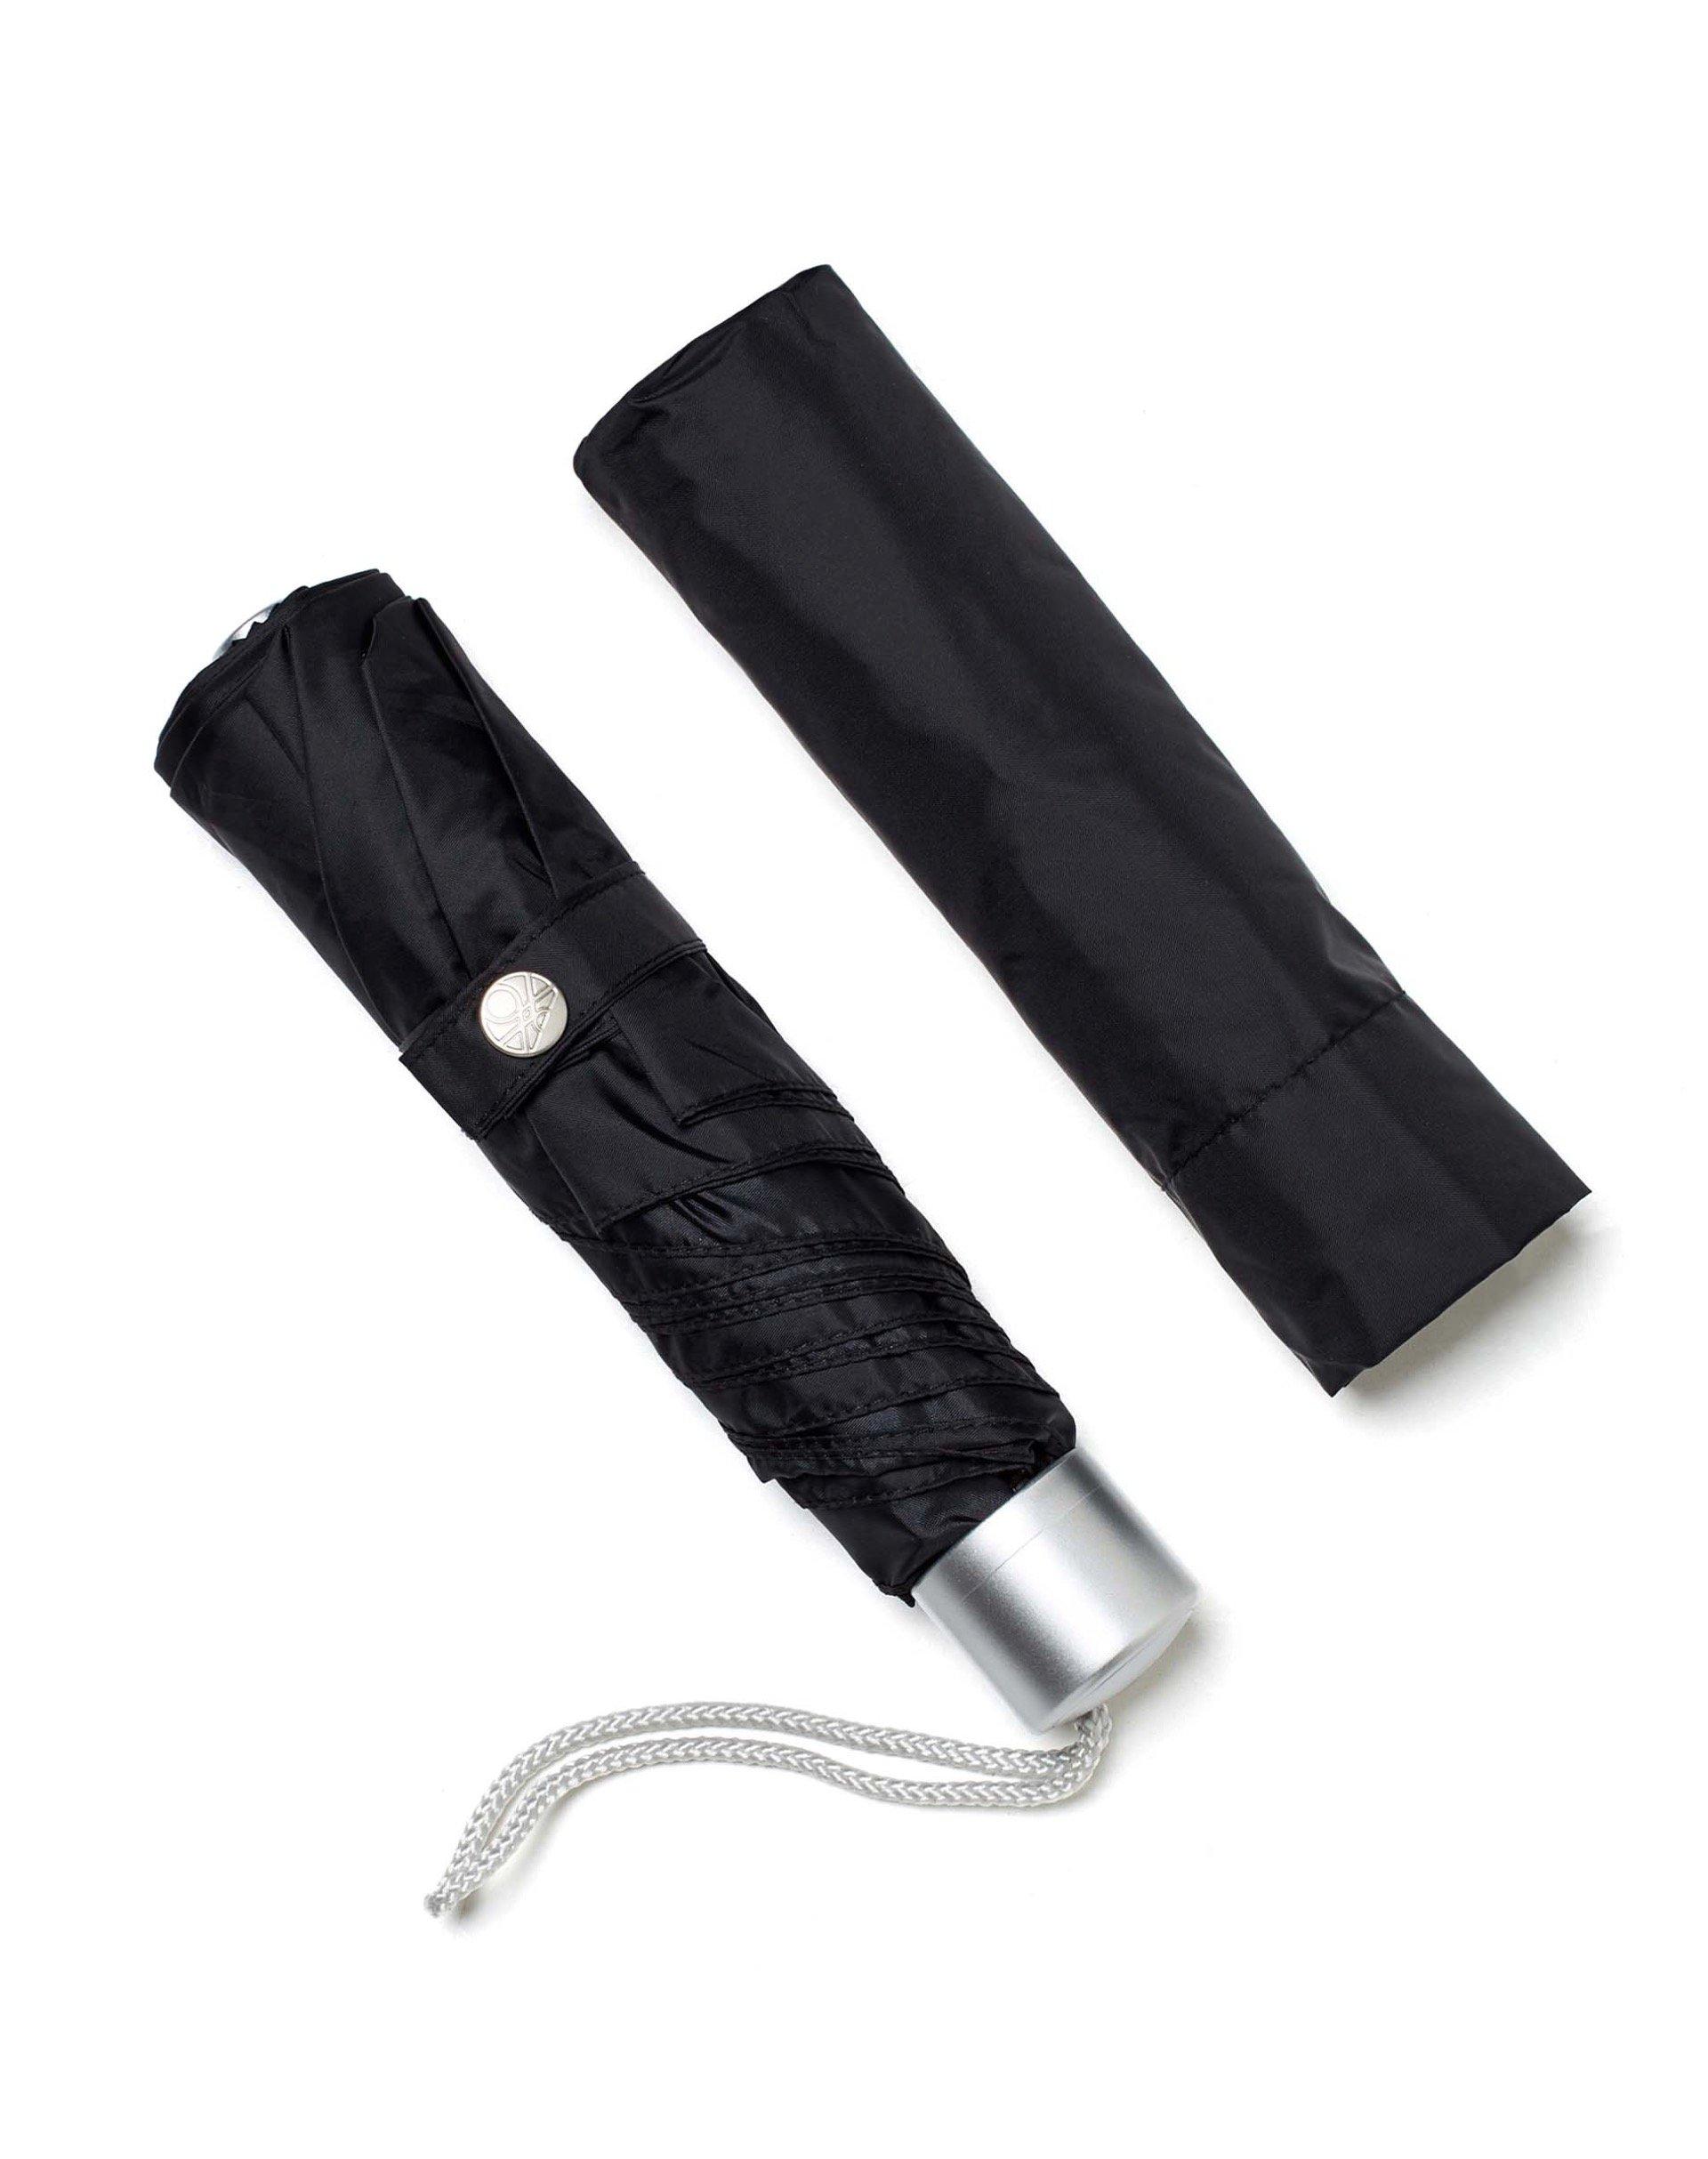 ЗонтЗонты<br>Зонт складной из ткани с рисунком и с чехлом в тон.<br>Цвет: Черный; Размер: ST;